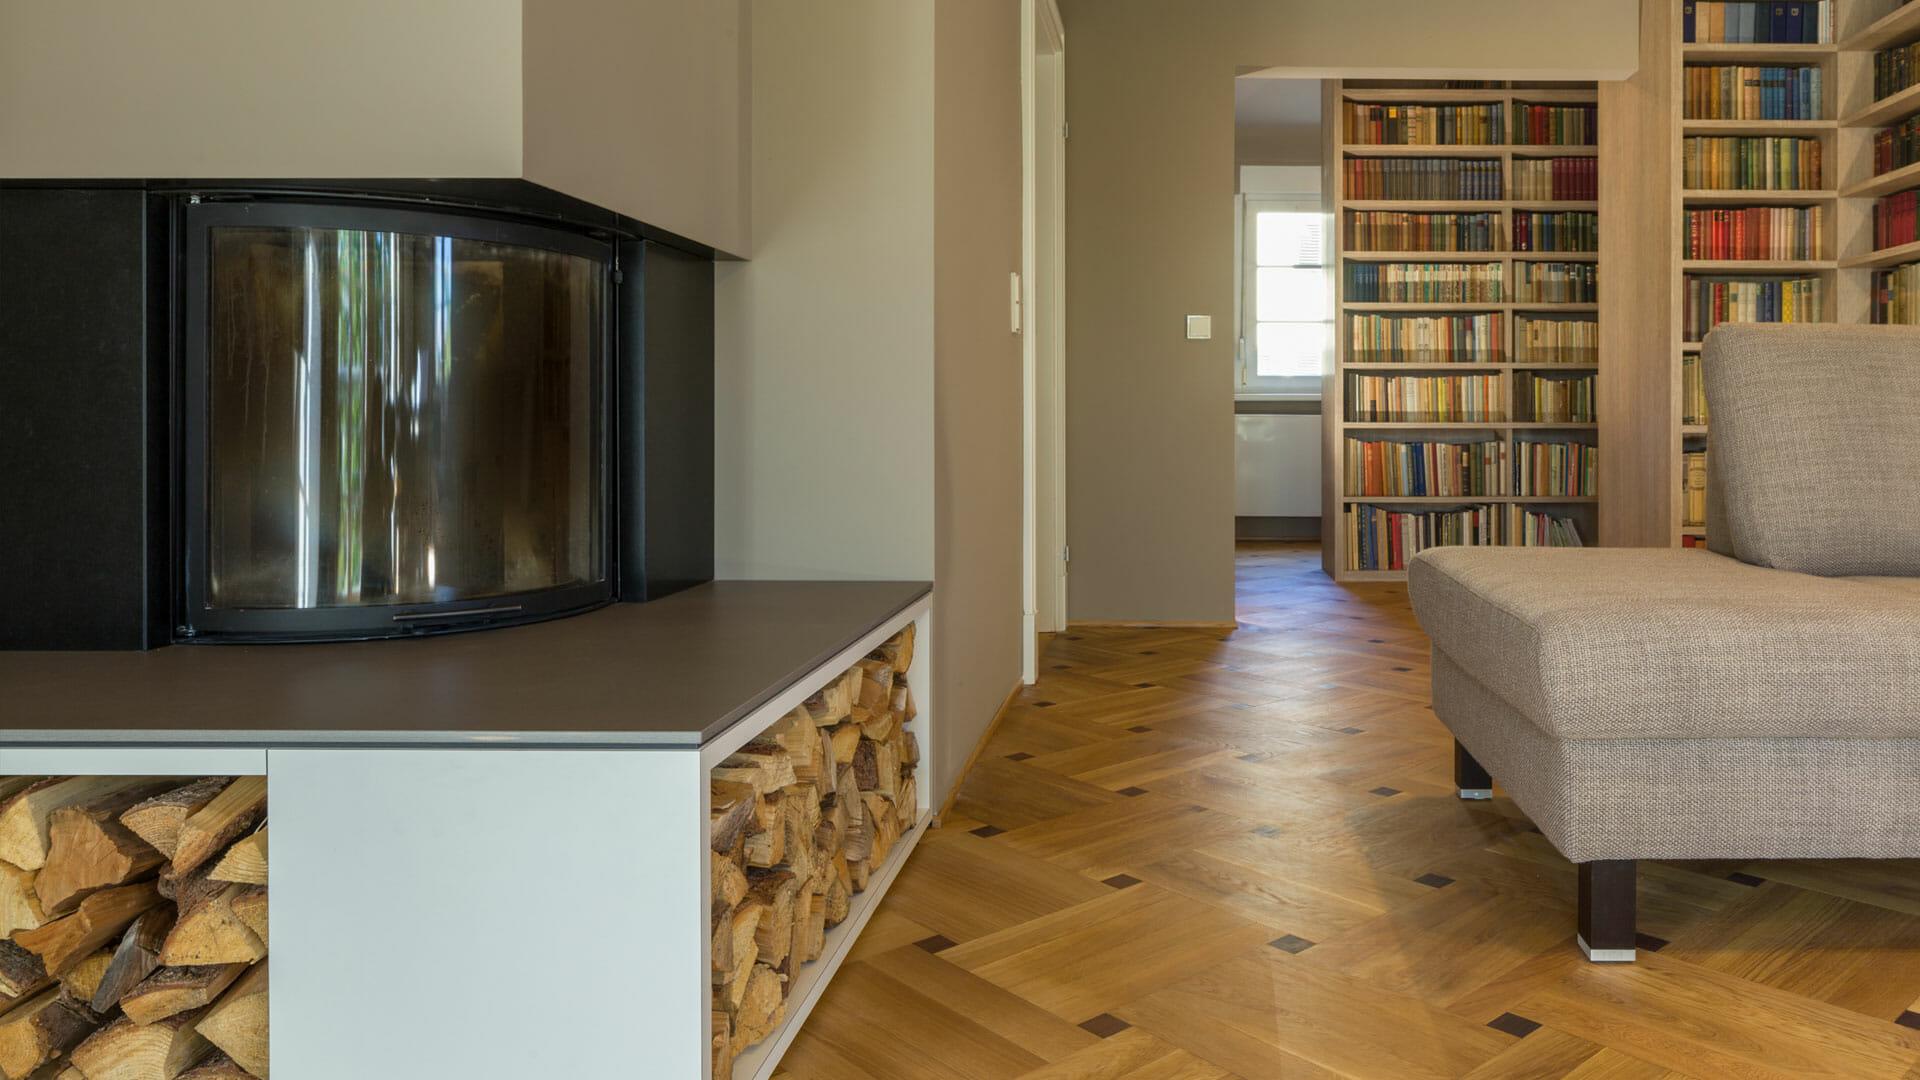 Elegantes wohnzimmer mit integrierter bibliothek for Elegante wohnzimmer